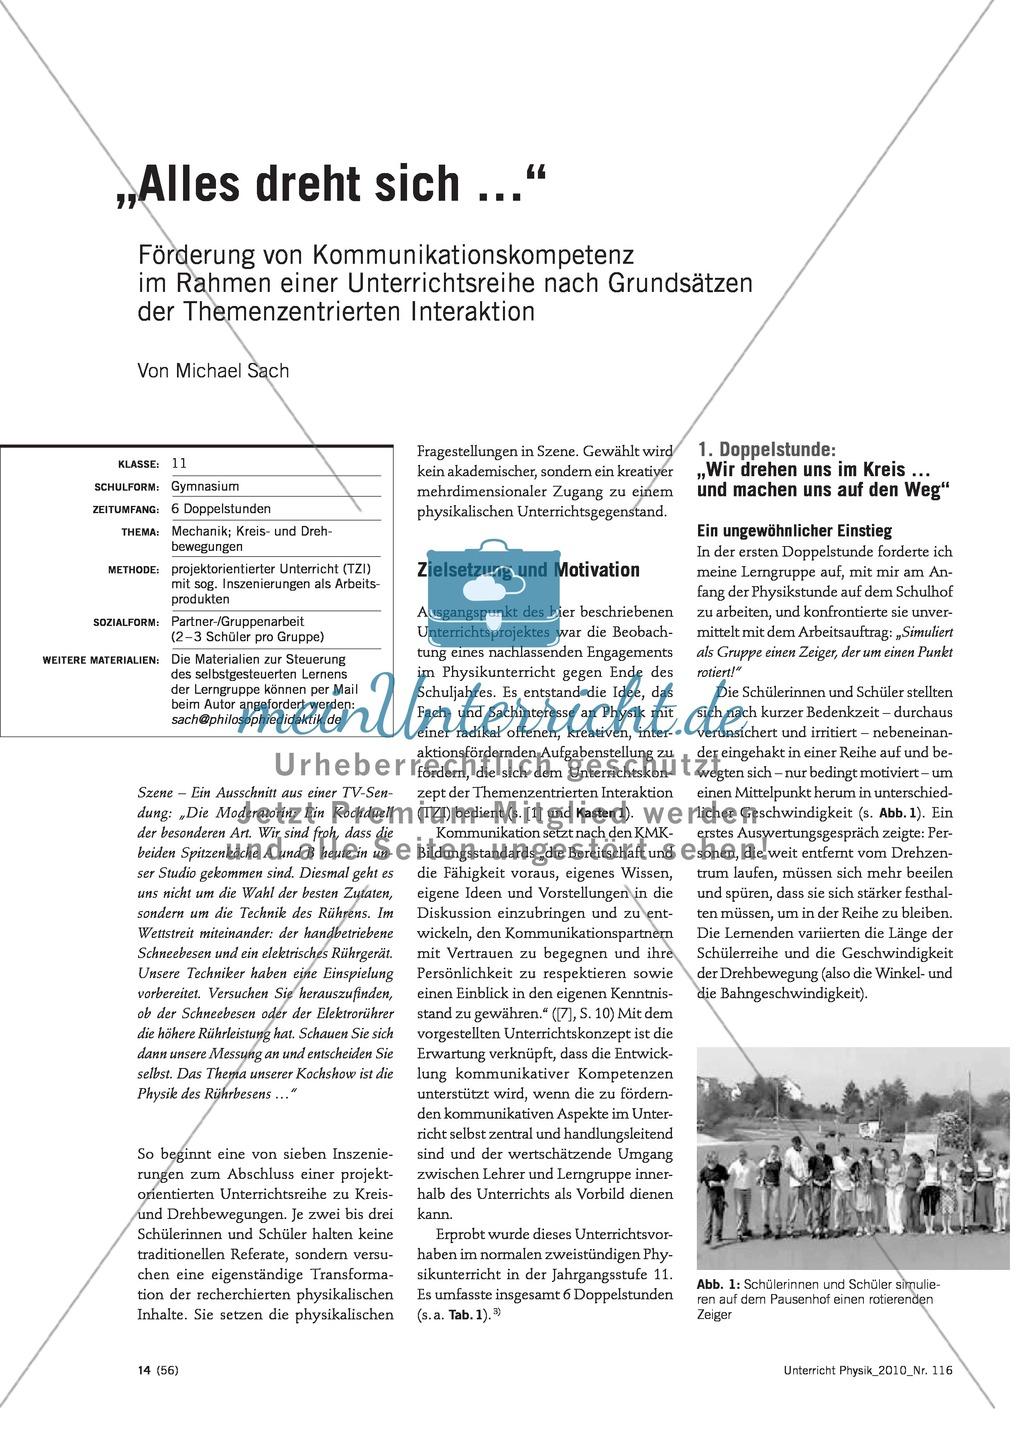 Infotext: Unterrichtseinheiten zur Förderung der Kommunikationskompetenz  entwerfen Preview 0